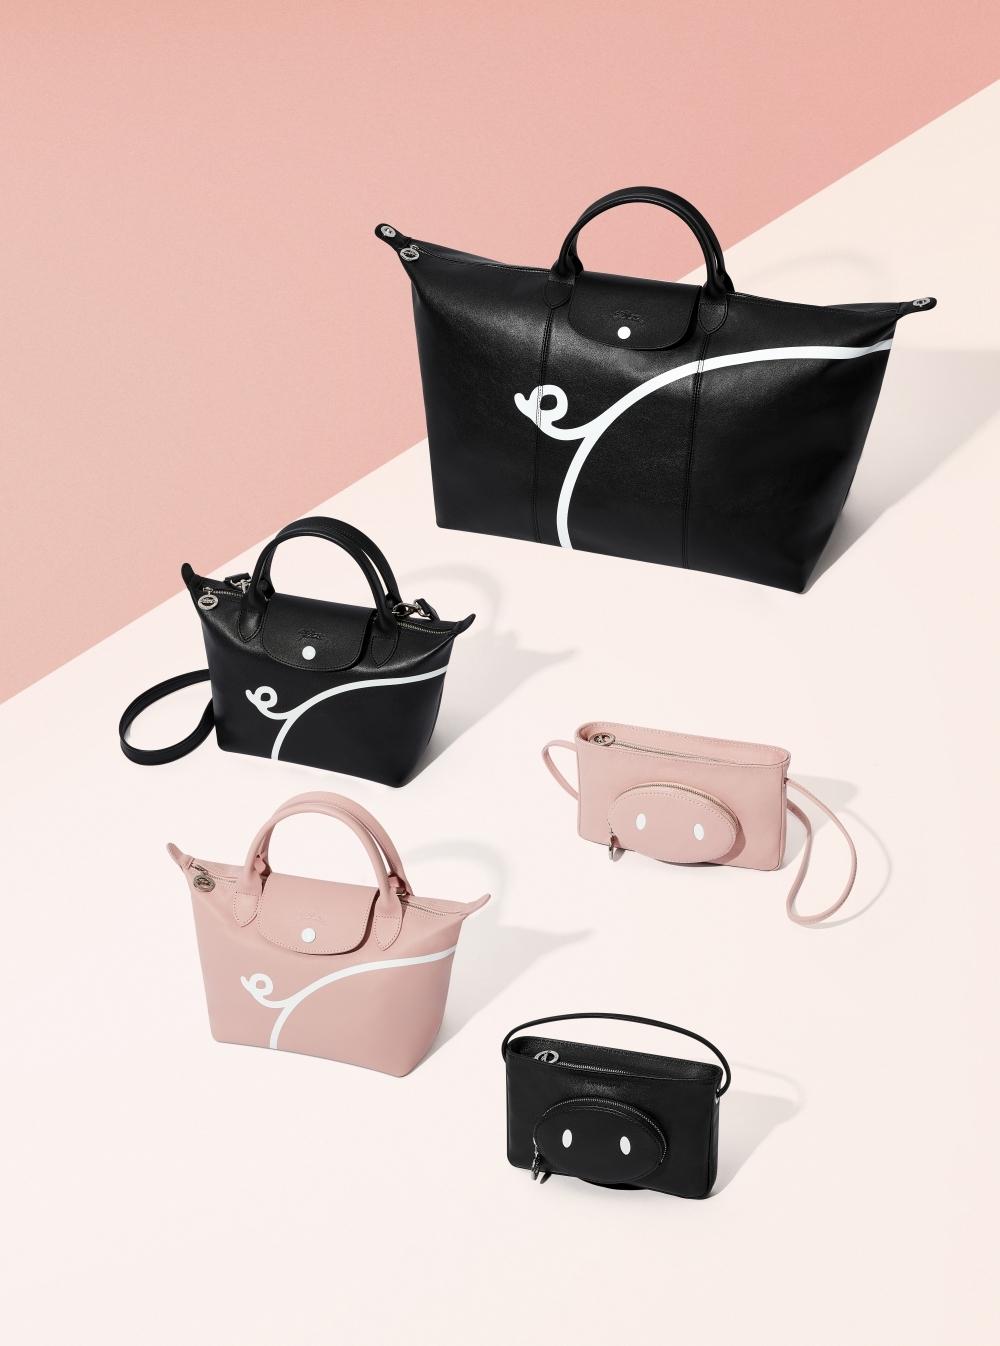 范丞丞、唐嫣、娜娜們最新寵包!Longchamp豬仔限定包實在萌,誰也無法抗拒!